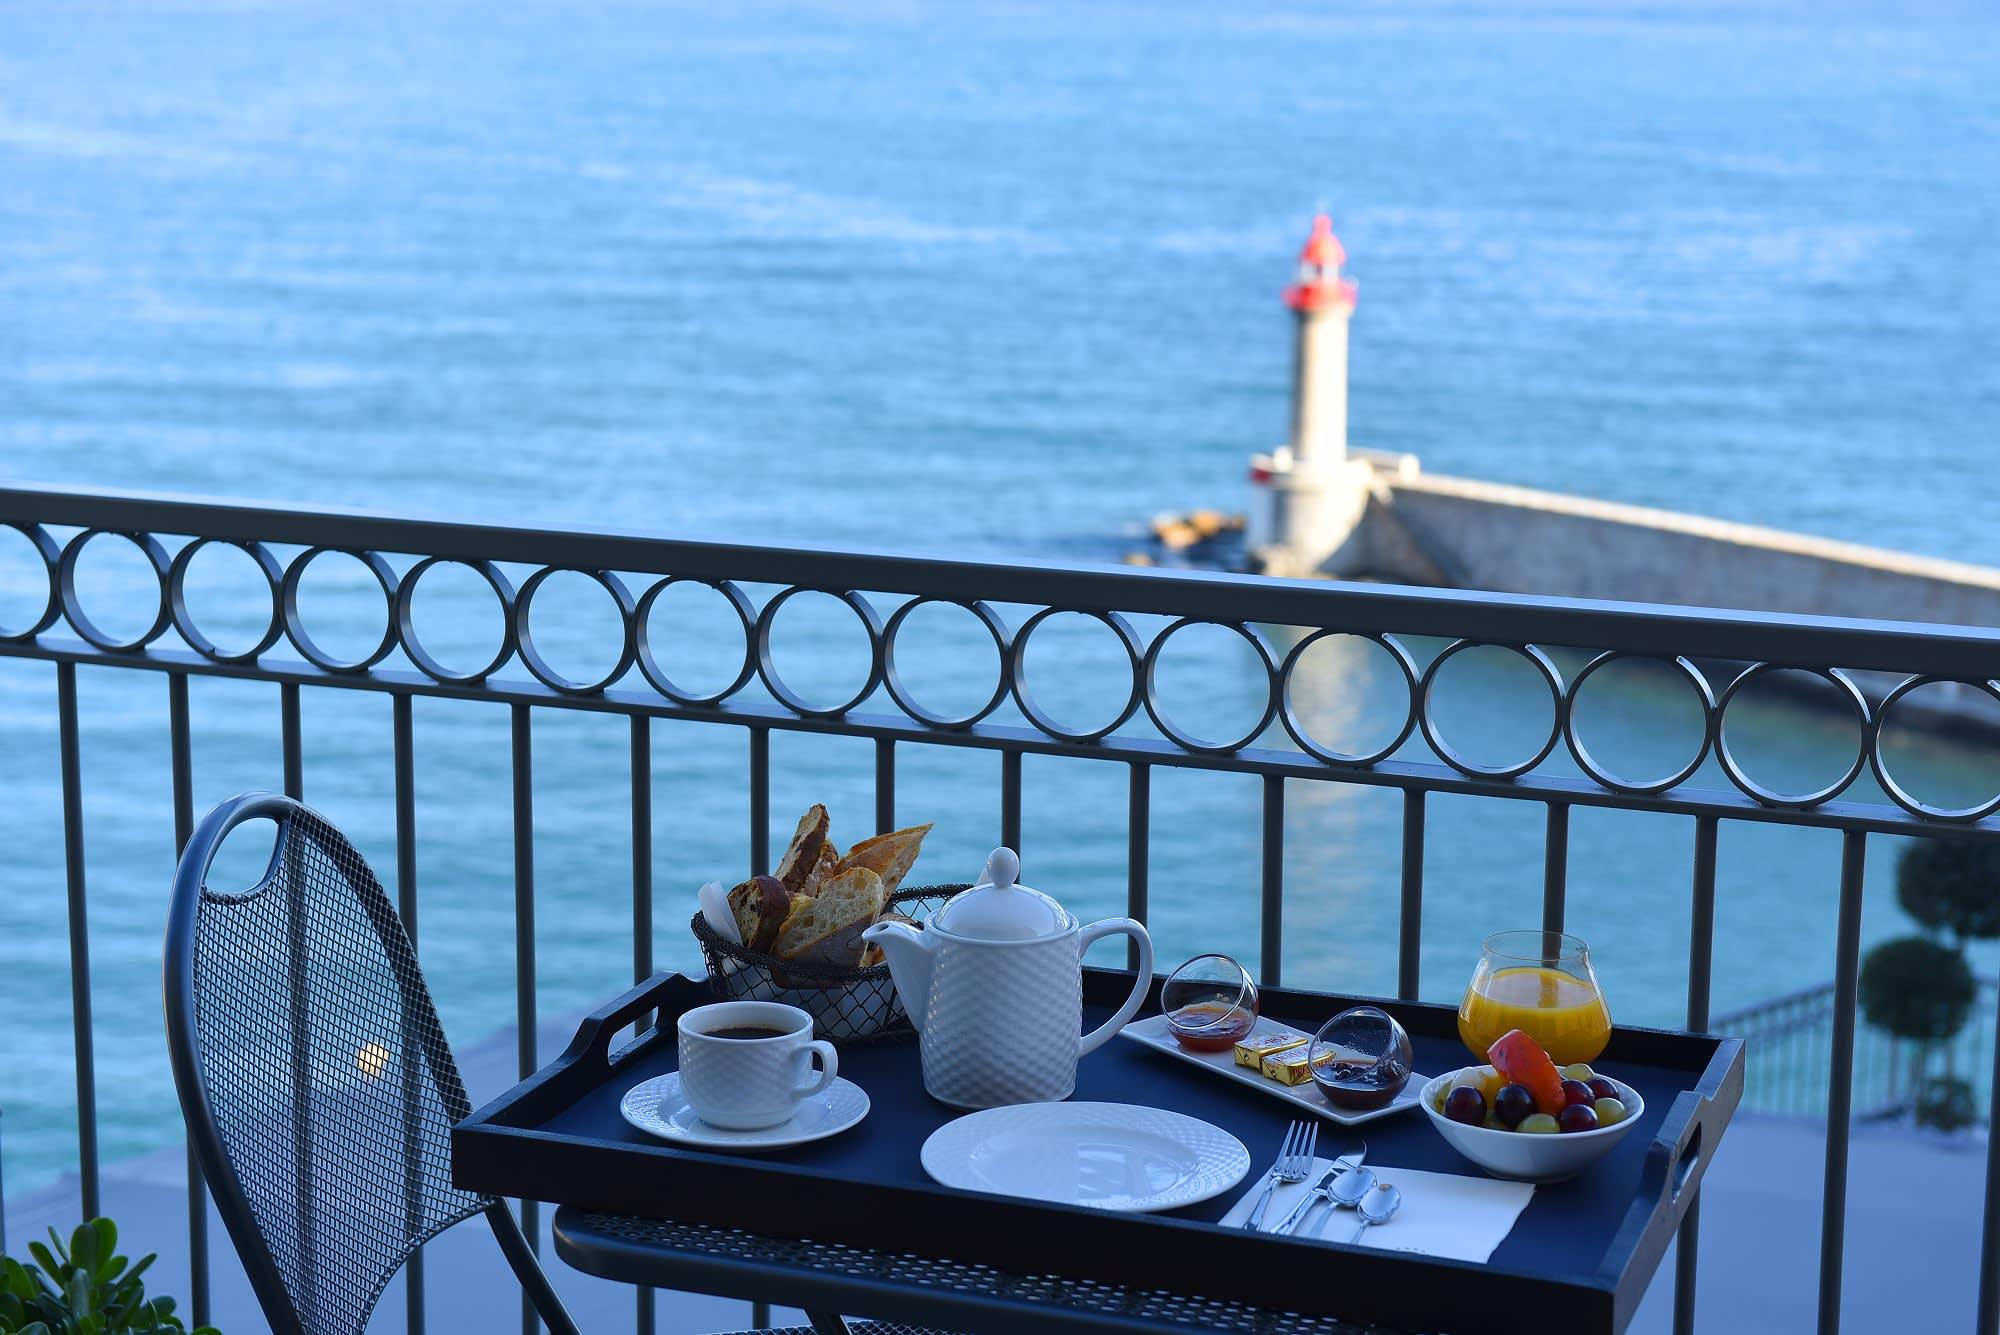 Frühstück im Freien mit Blick auf den Hafen von Bastia: Der Tag kann nicht besser beginnen!